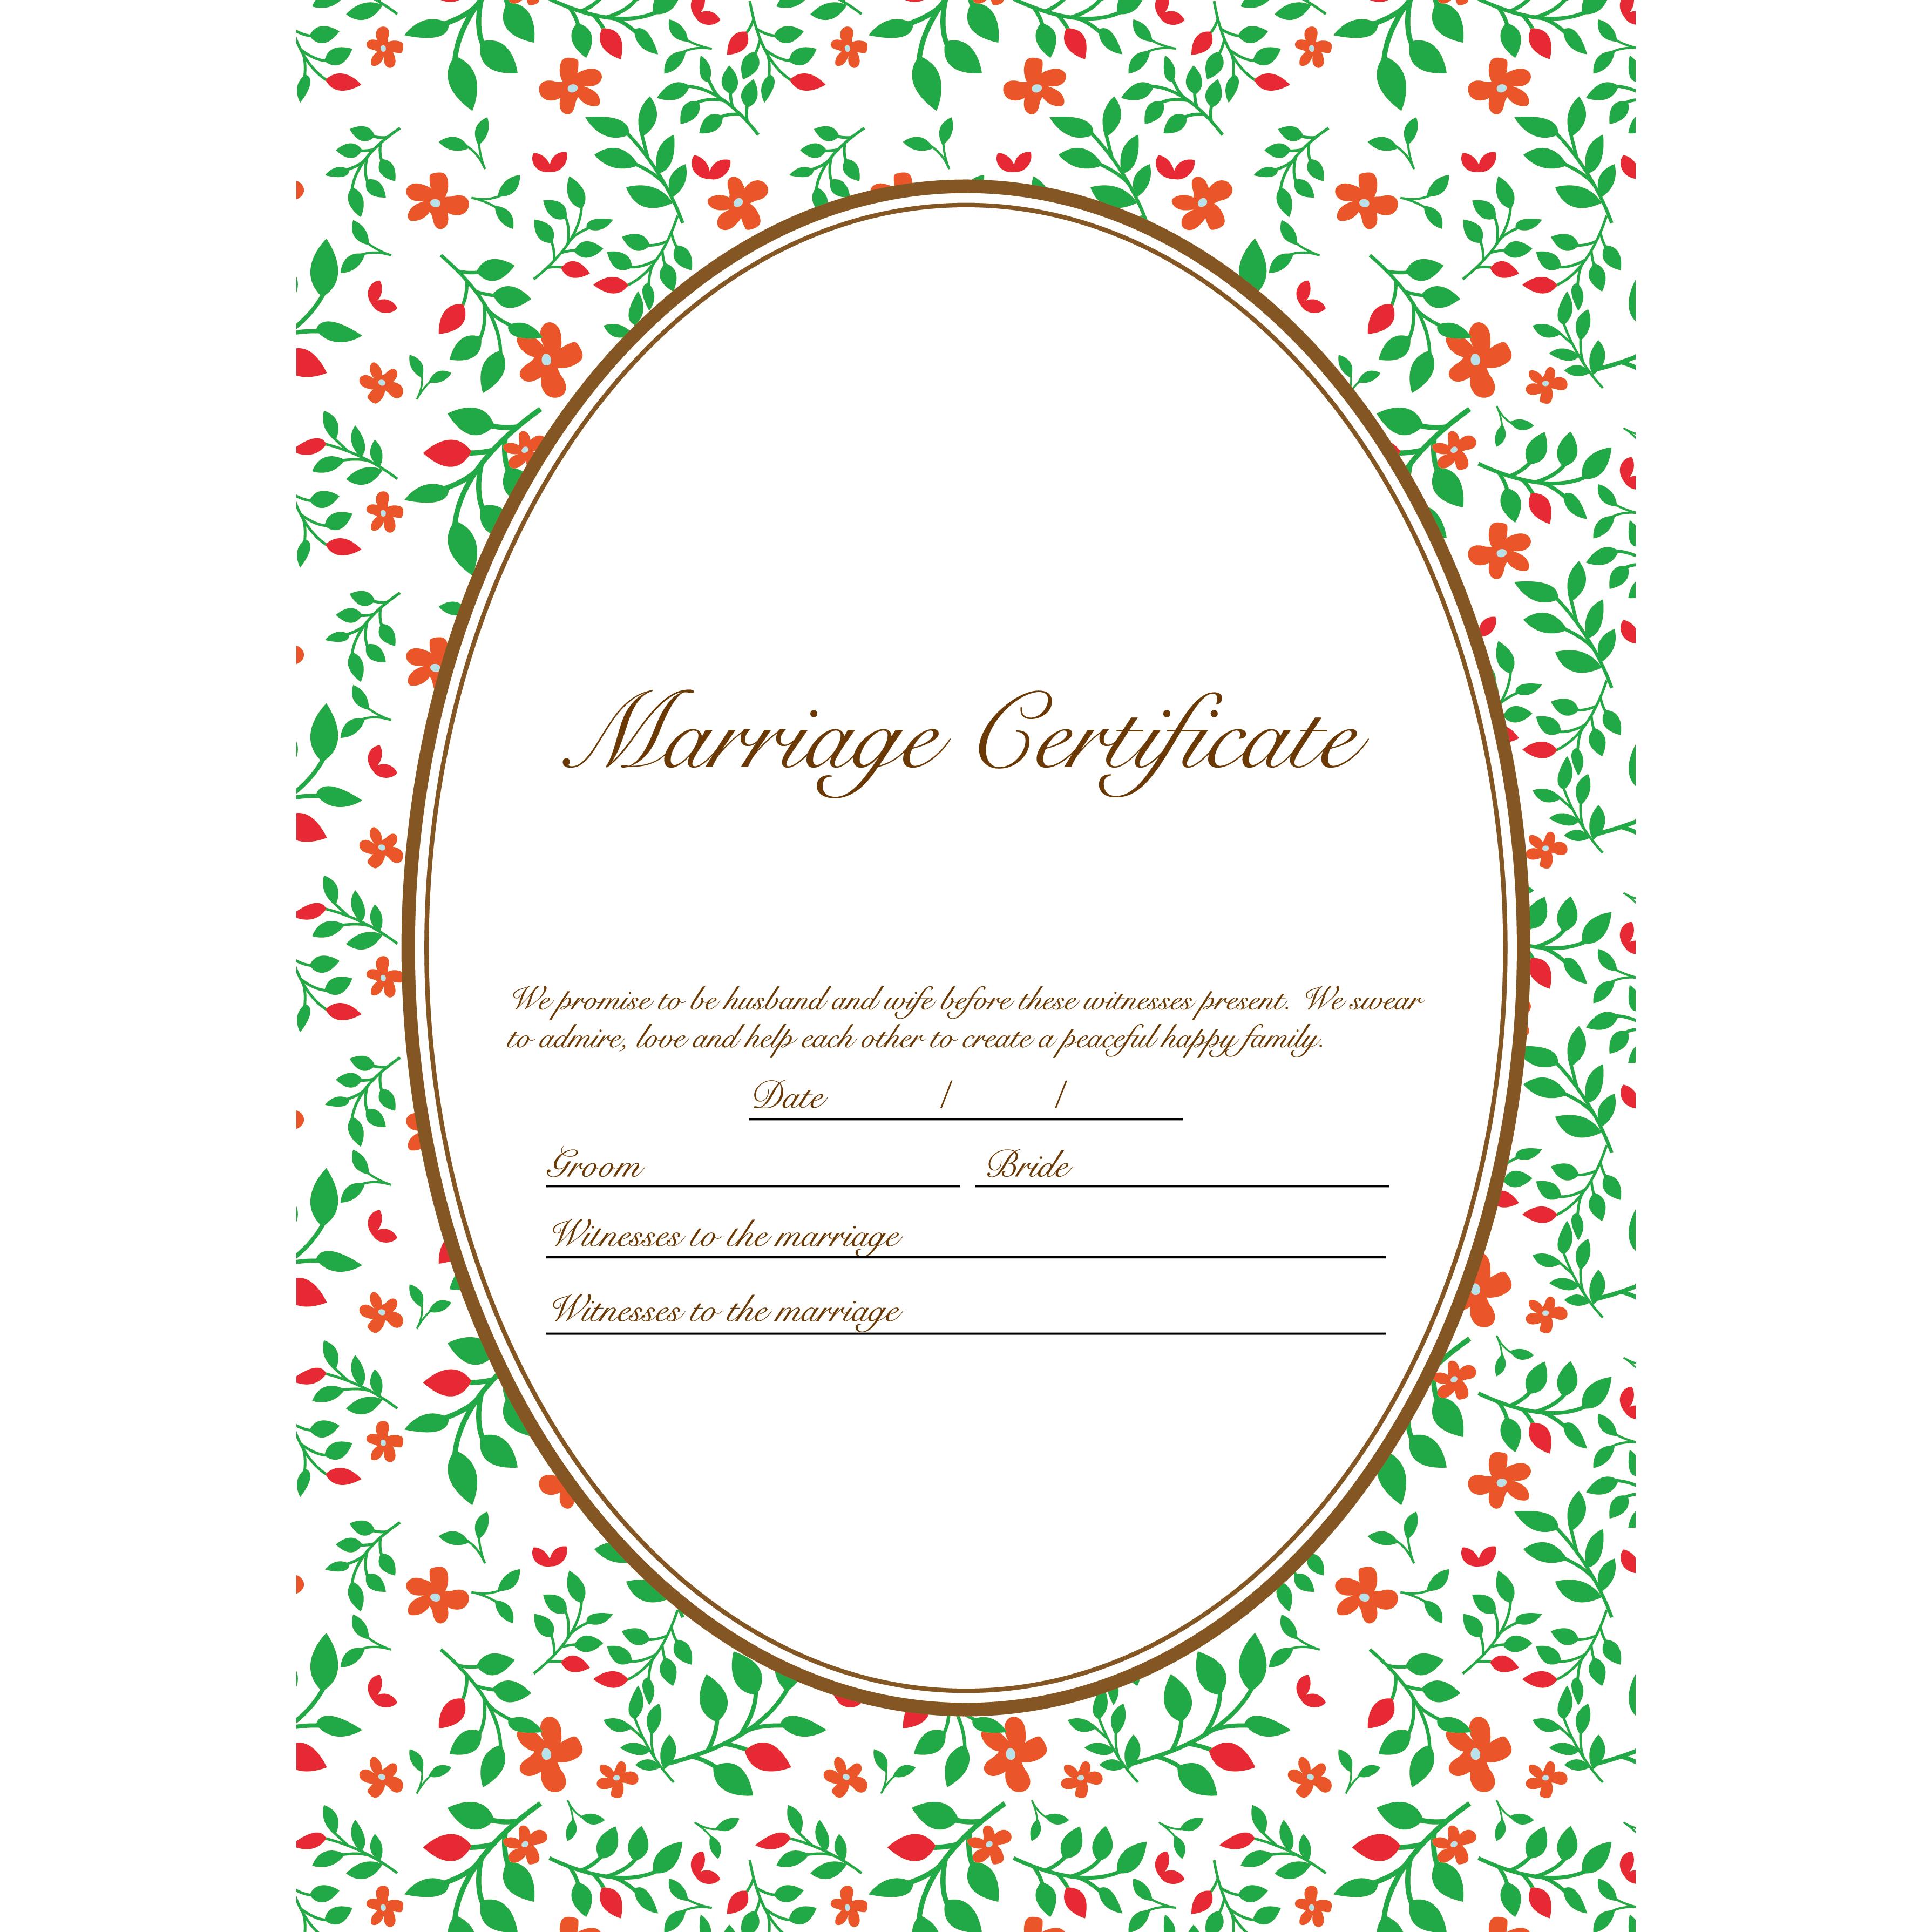 結婚証明書 英語 テンプレート【縦】 イラストグリーンガーデン♪